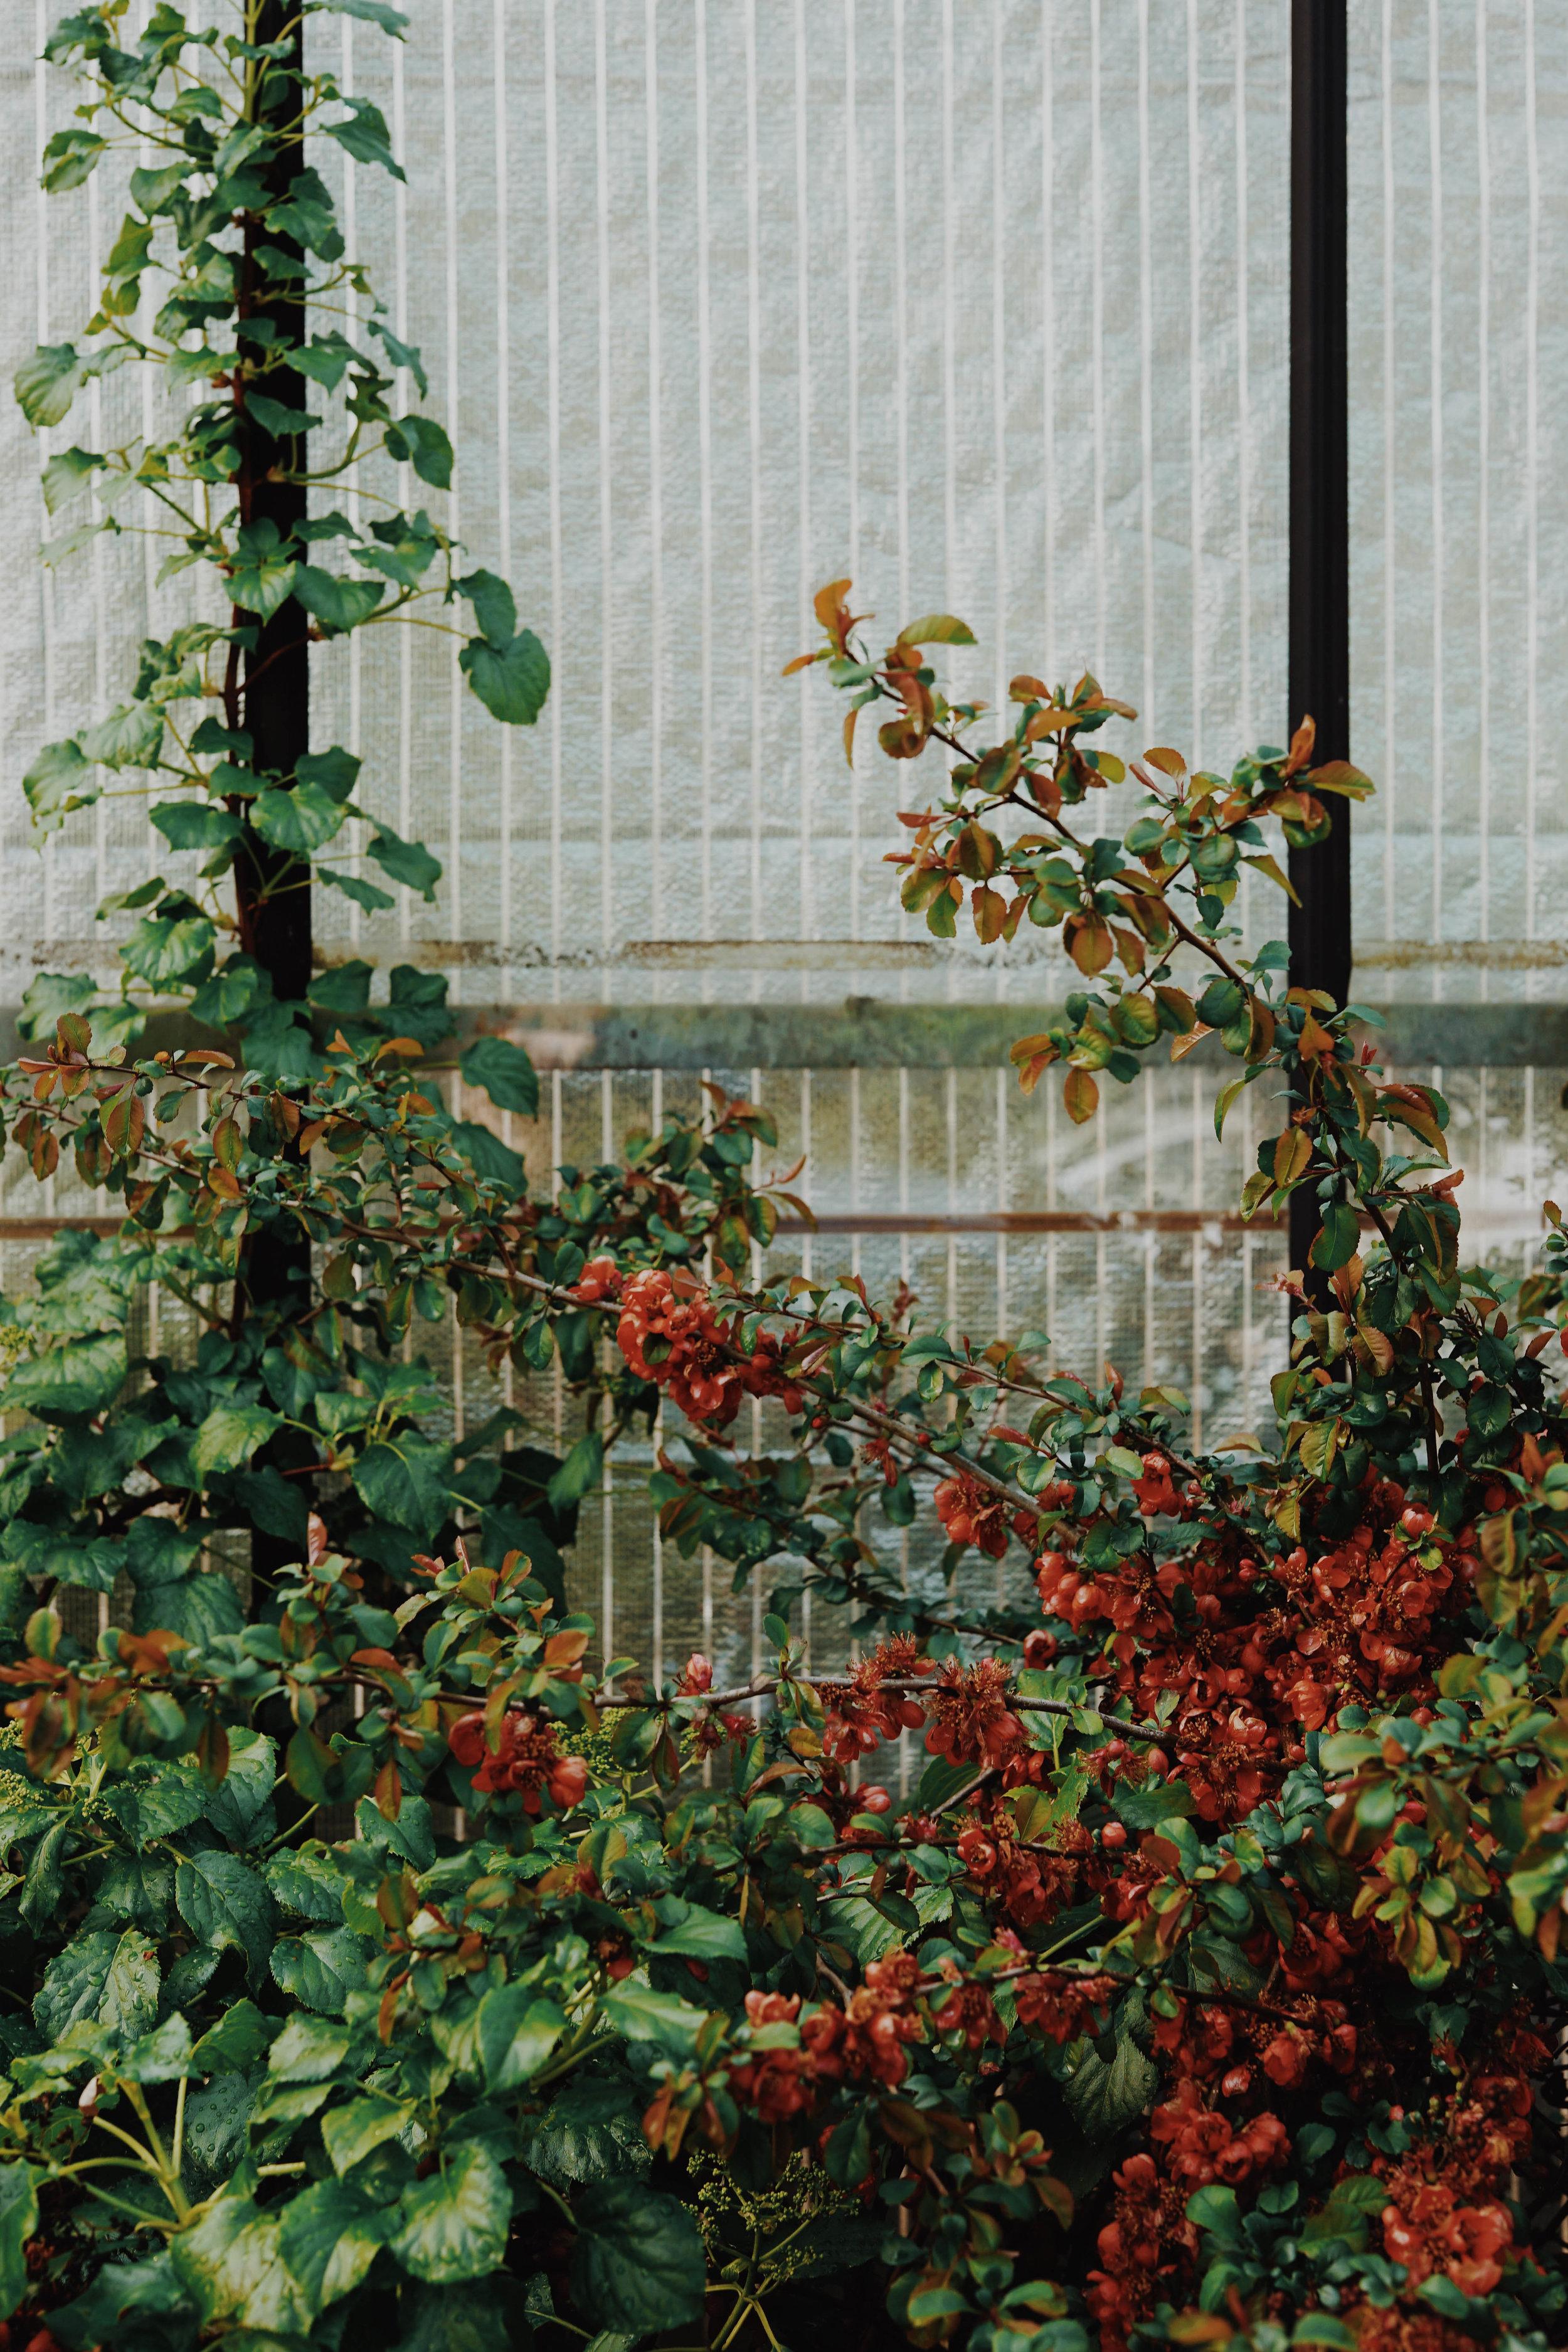 ASROSENVINGE_VisitSkane_Sweden_Backdalens_Handelstradgard_Greenhouse_Floral_LowRes-155.jpg